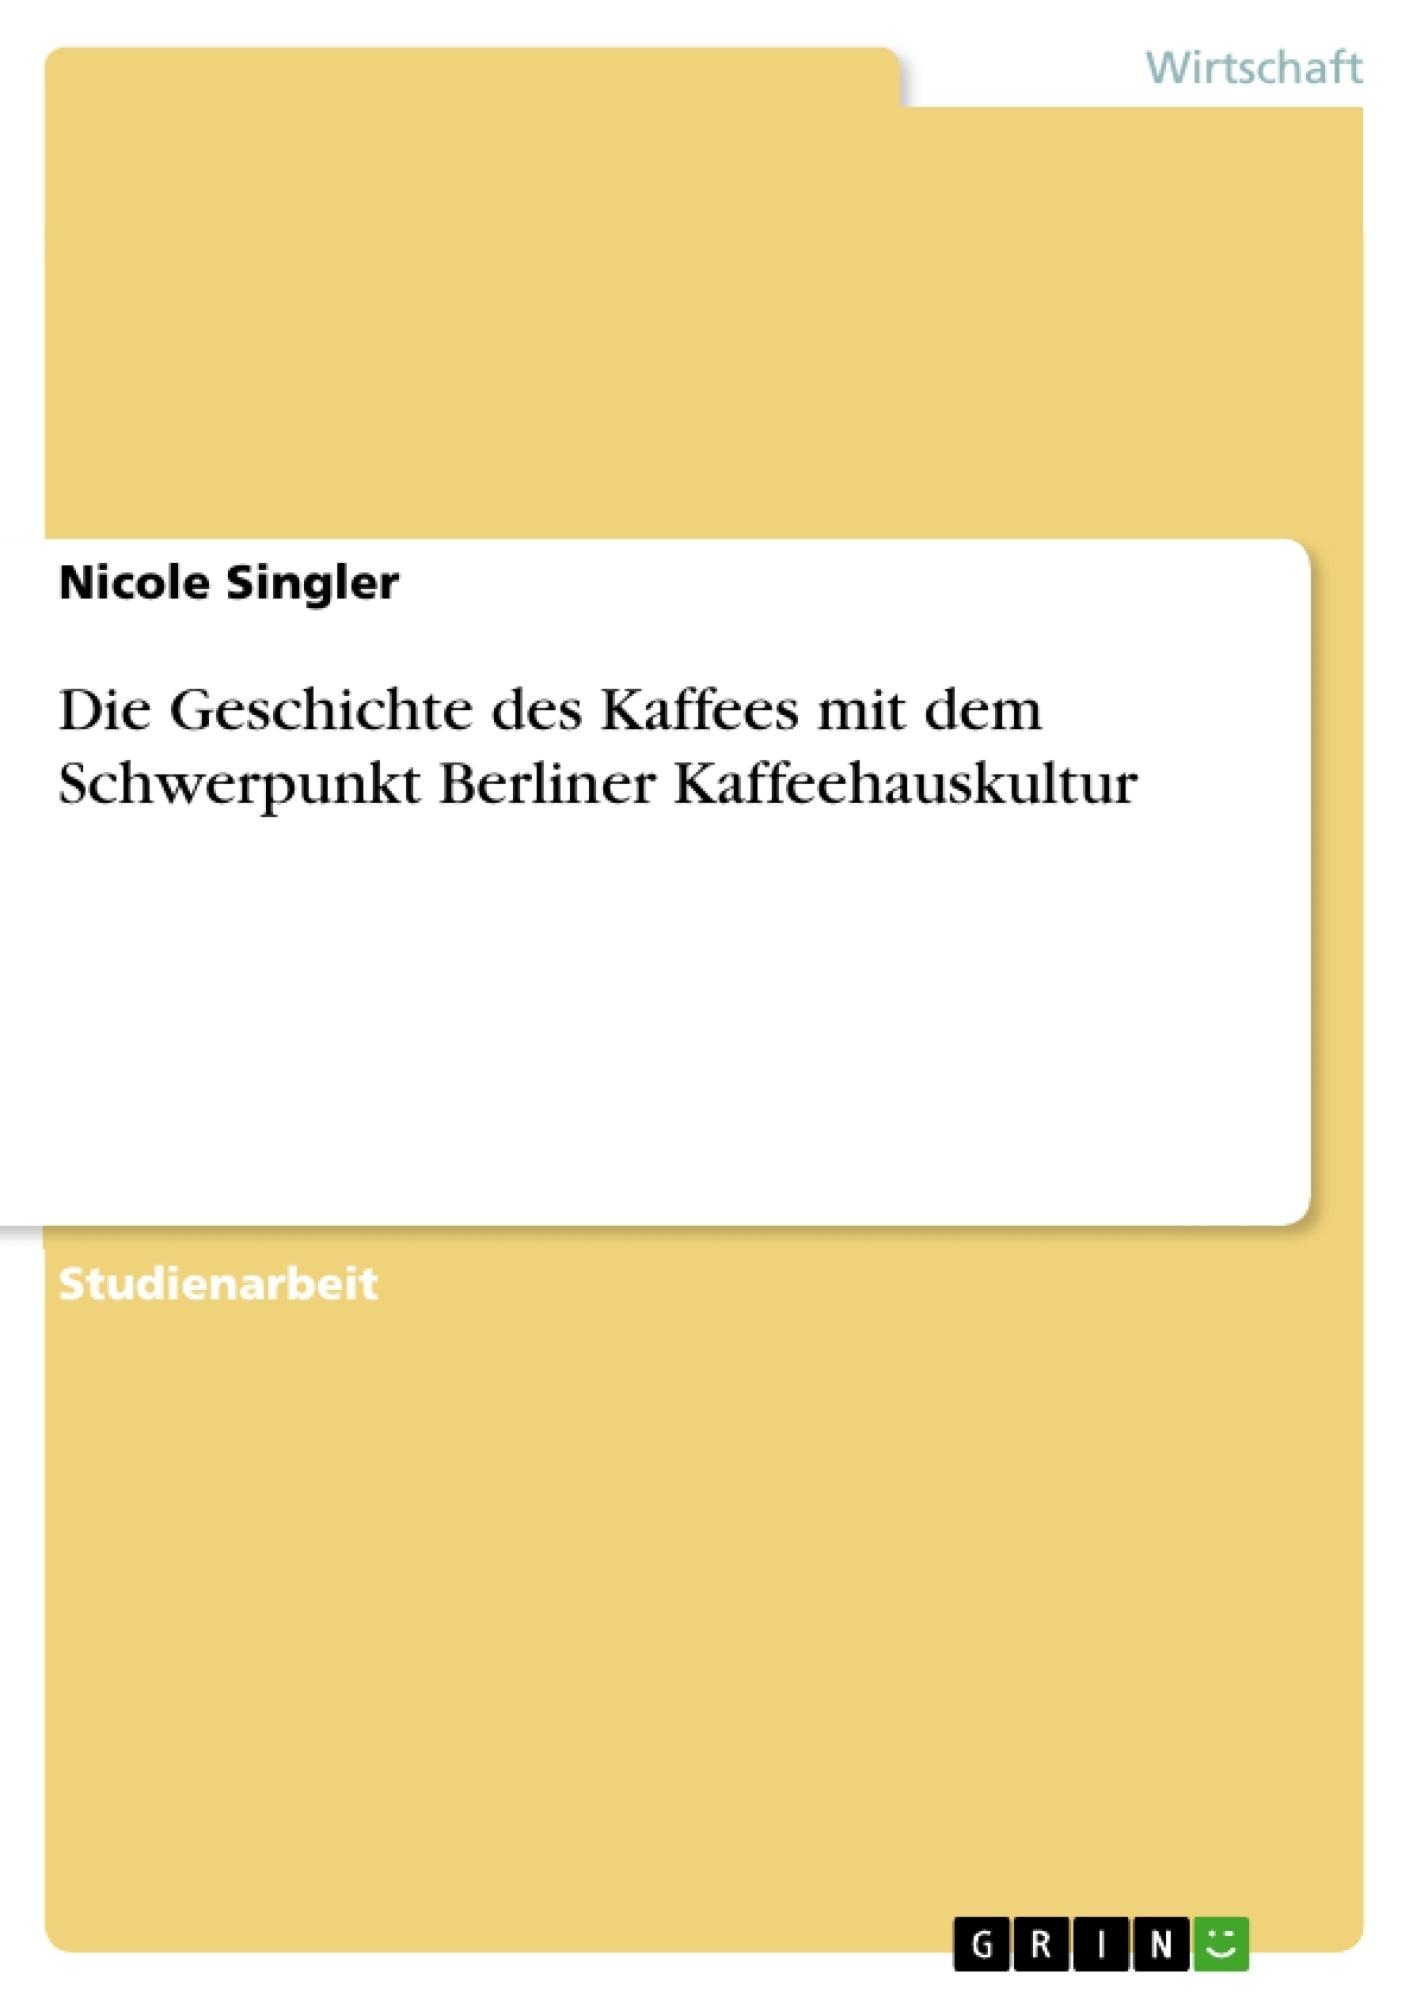 Titel: Die Geschichte des Kaffees mit dem Schwerpunkt Berliner Kaffeehauskultur